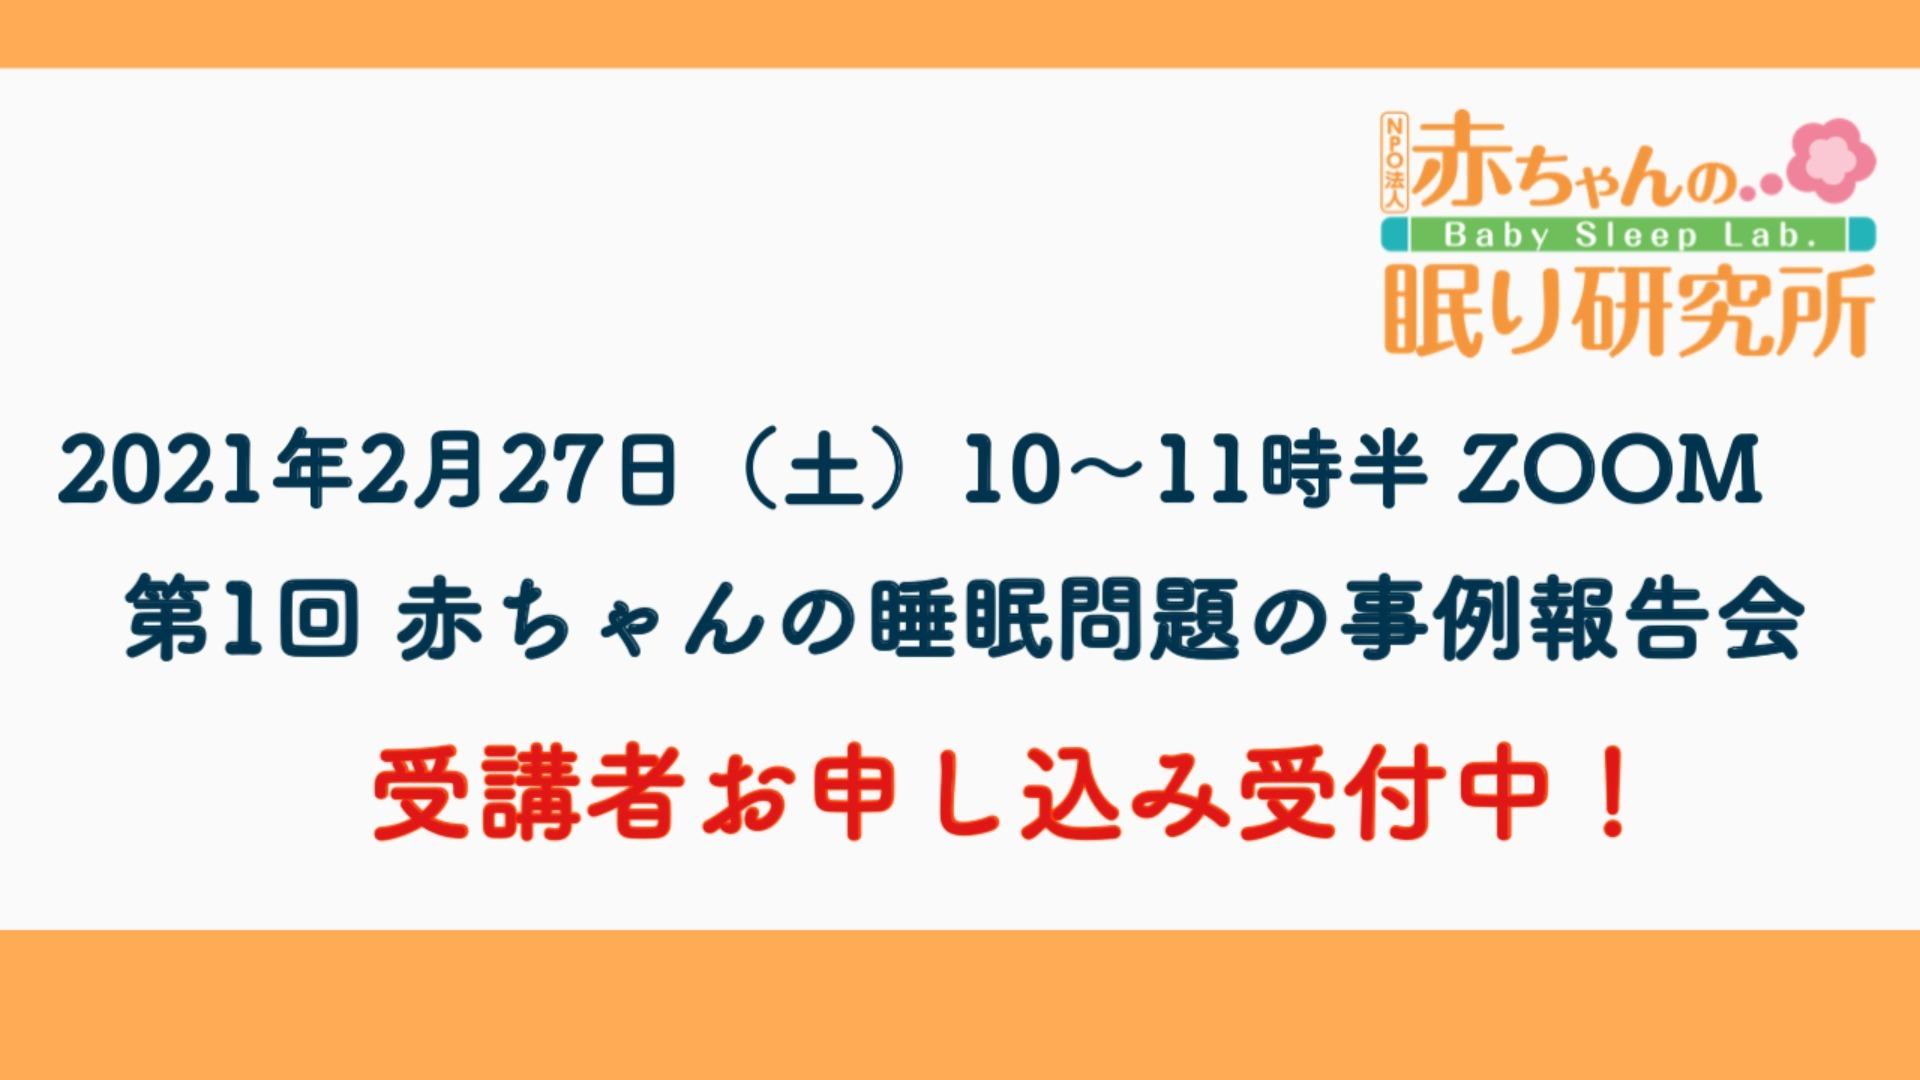 【申込み受付中】2/27(土)第1回 赤ちゃんの睡眠問題の事例報告会